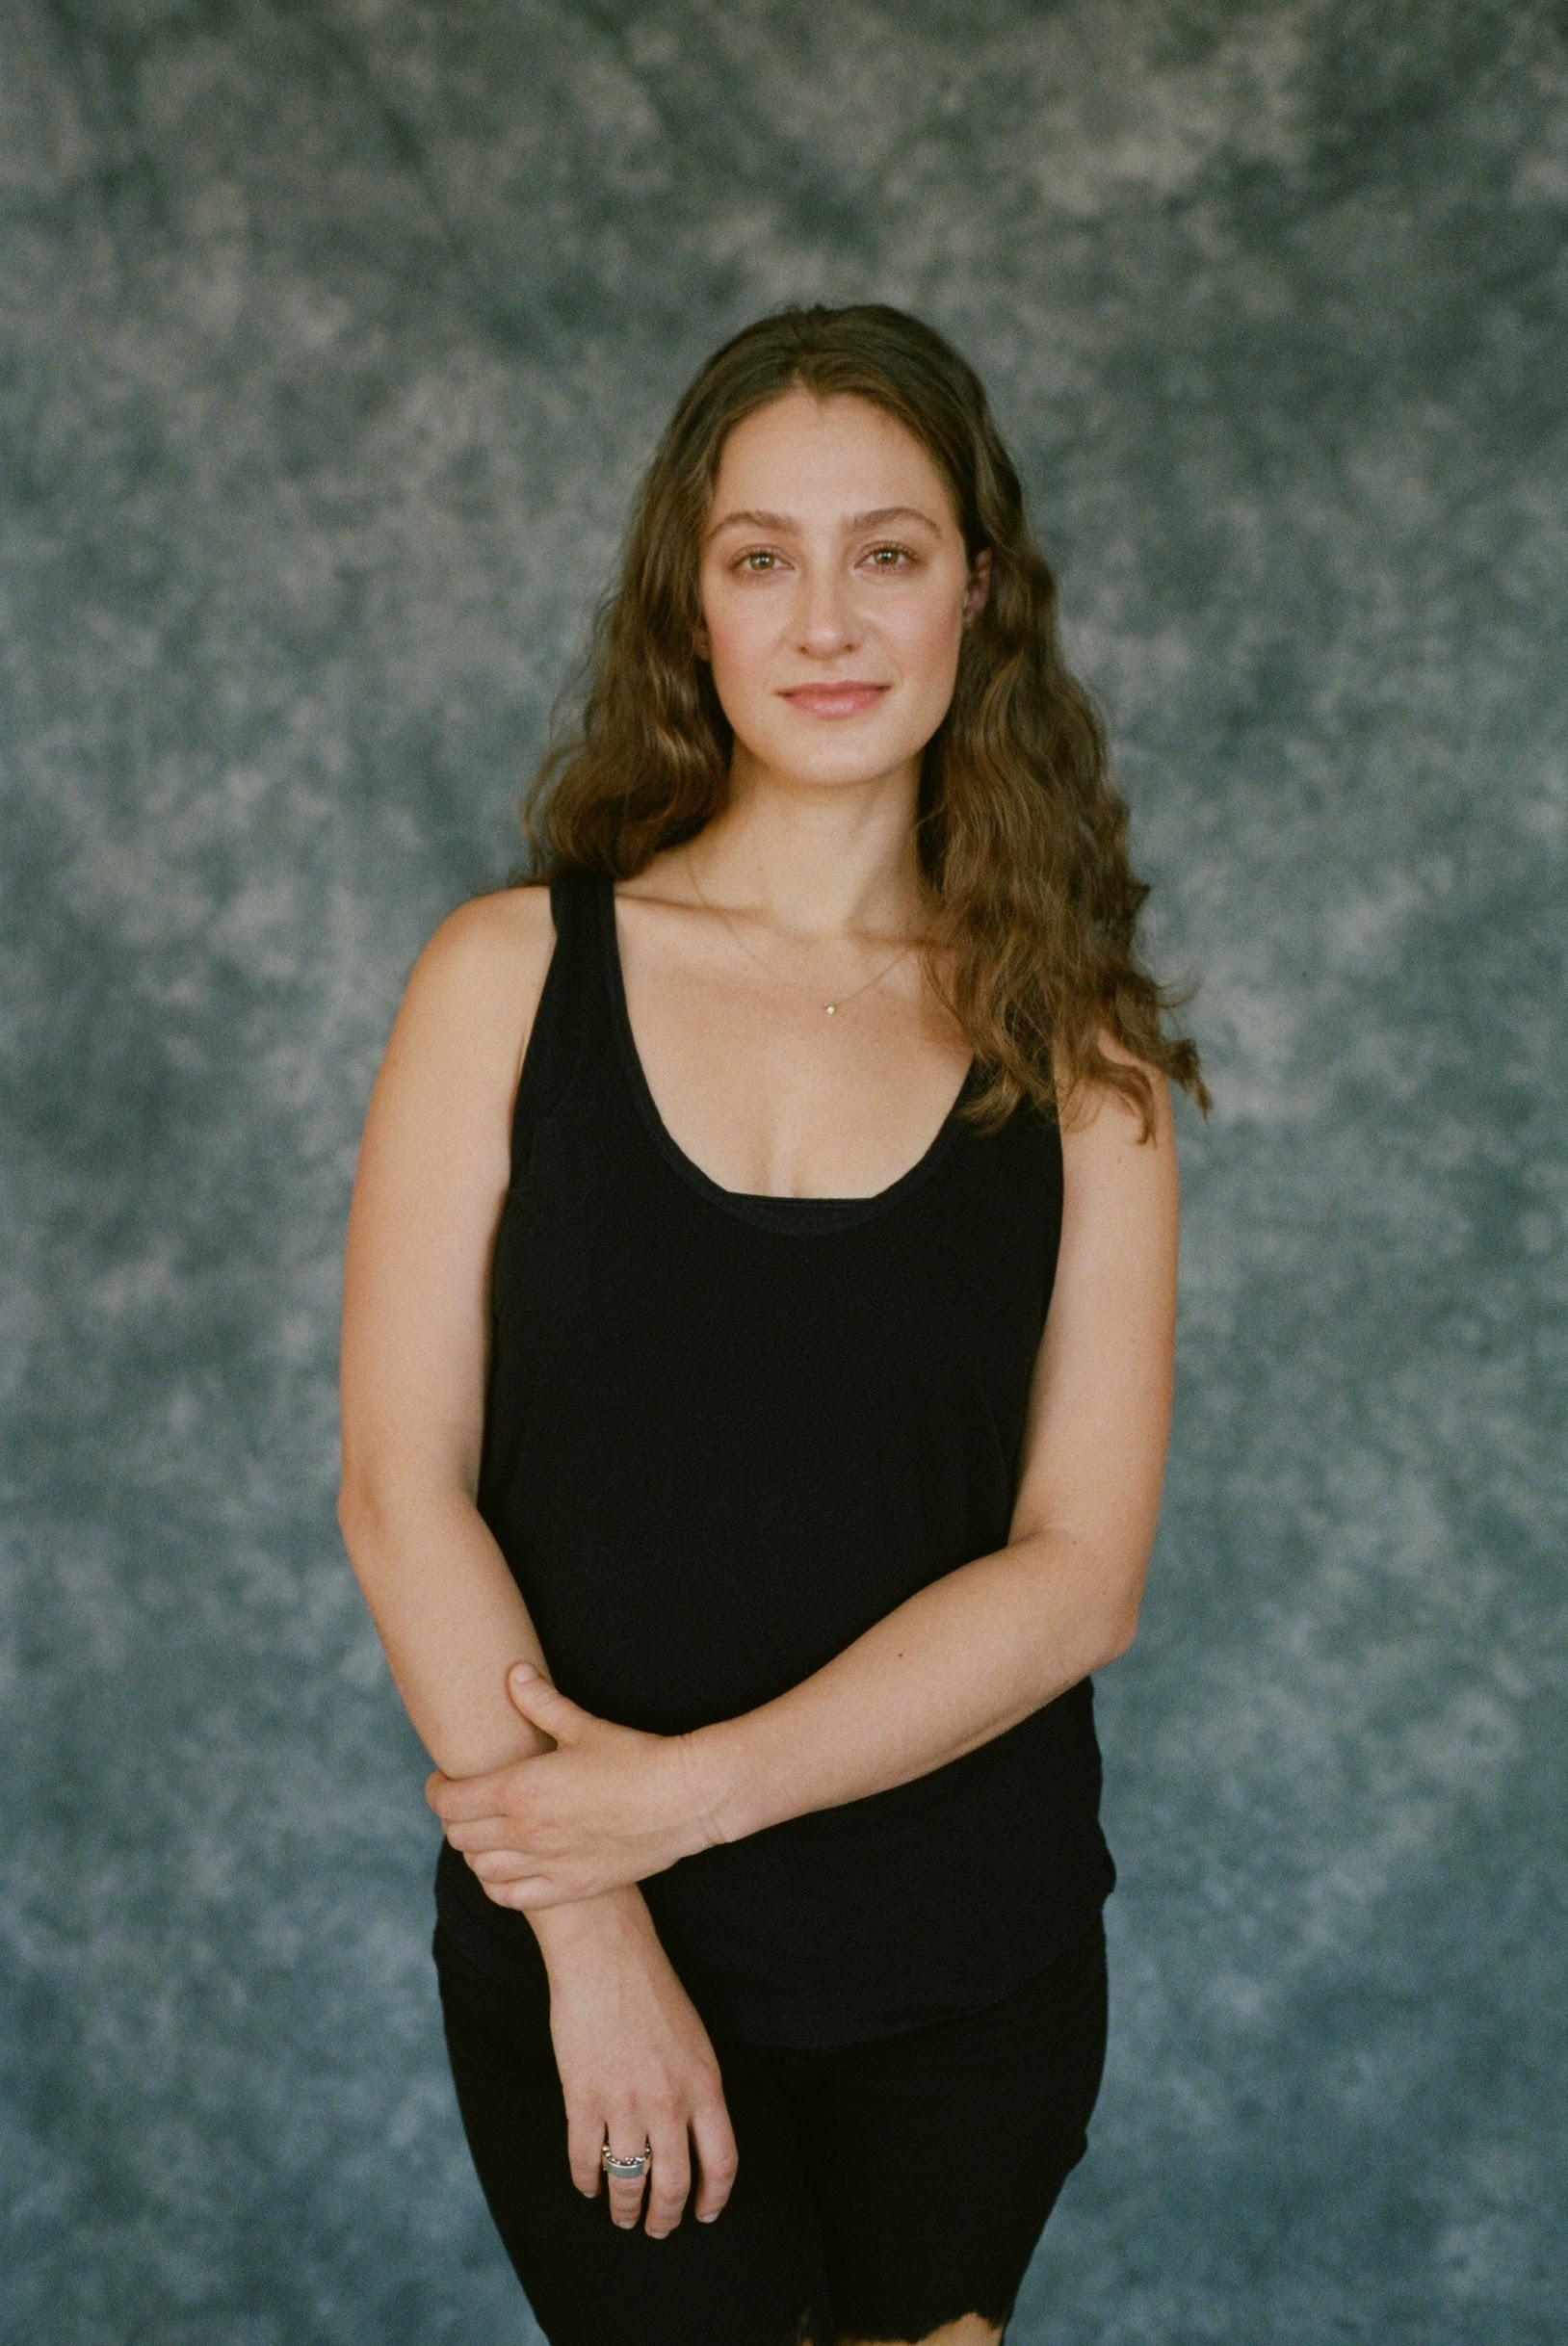 Victoria Manganiello - Artist